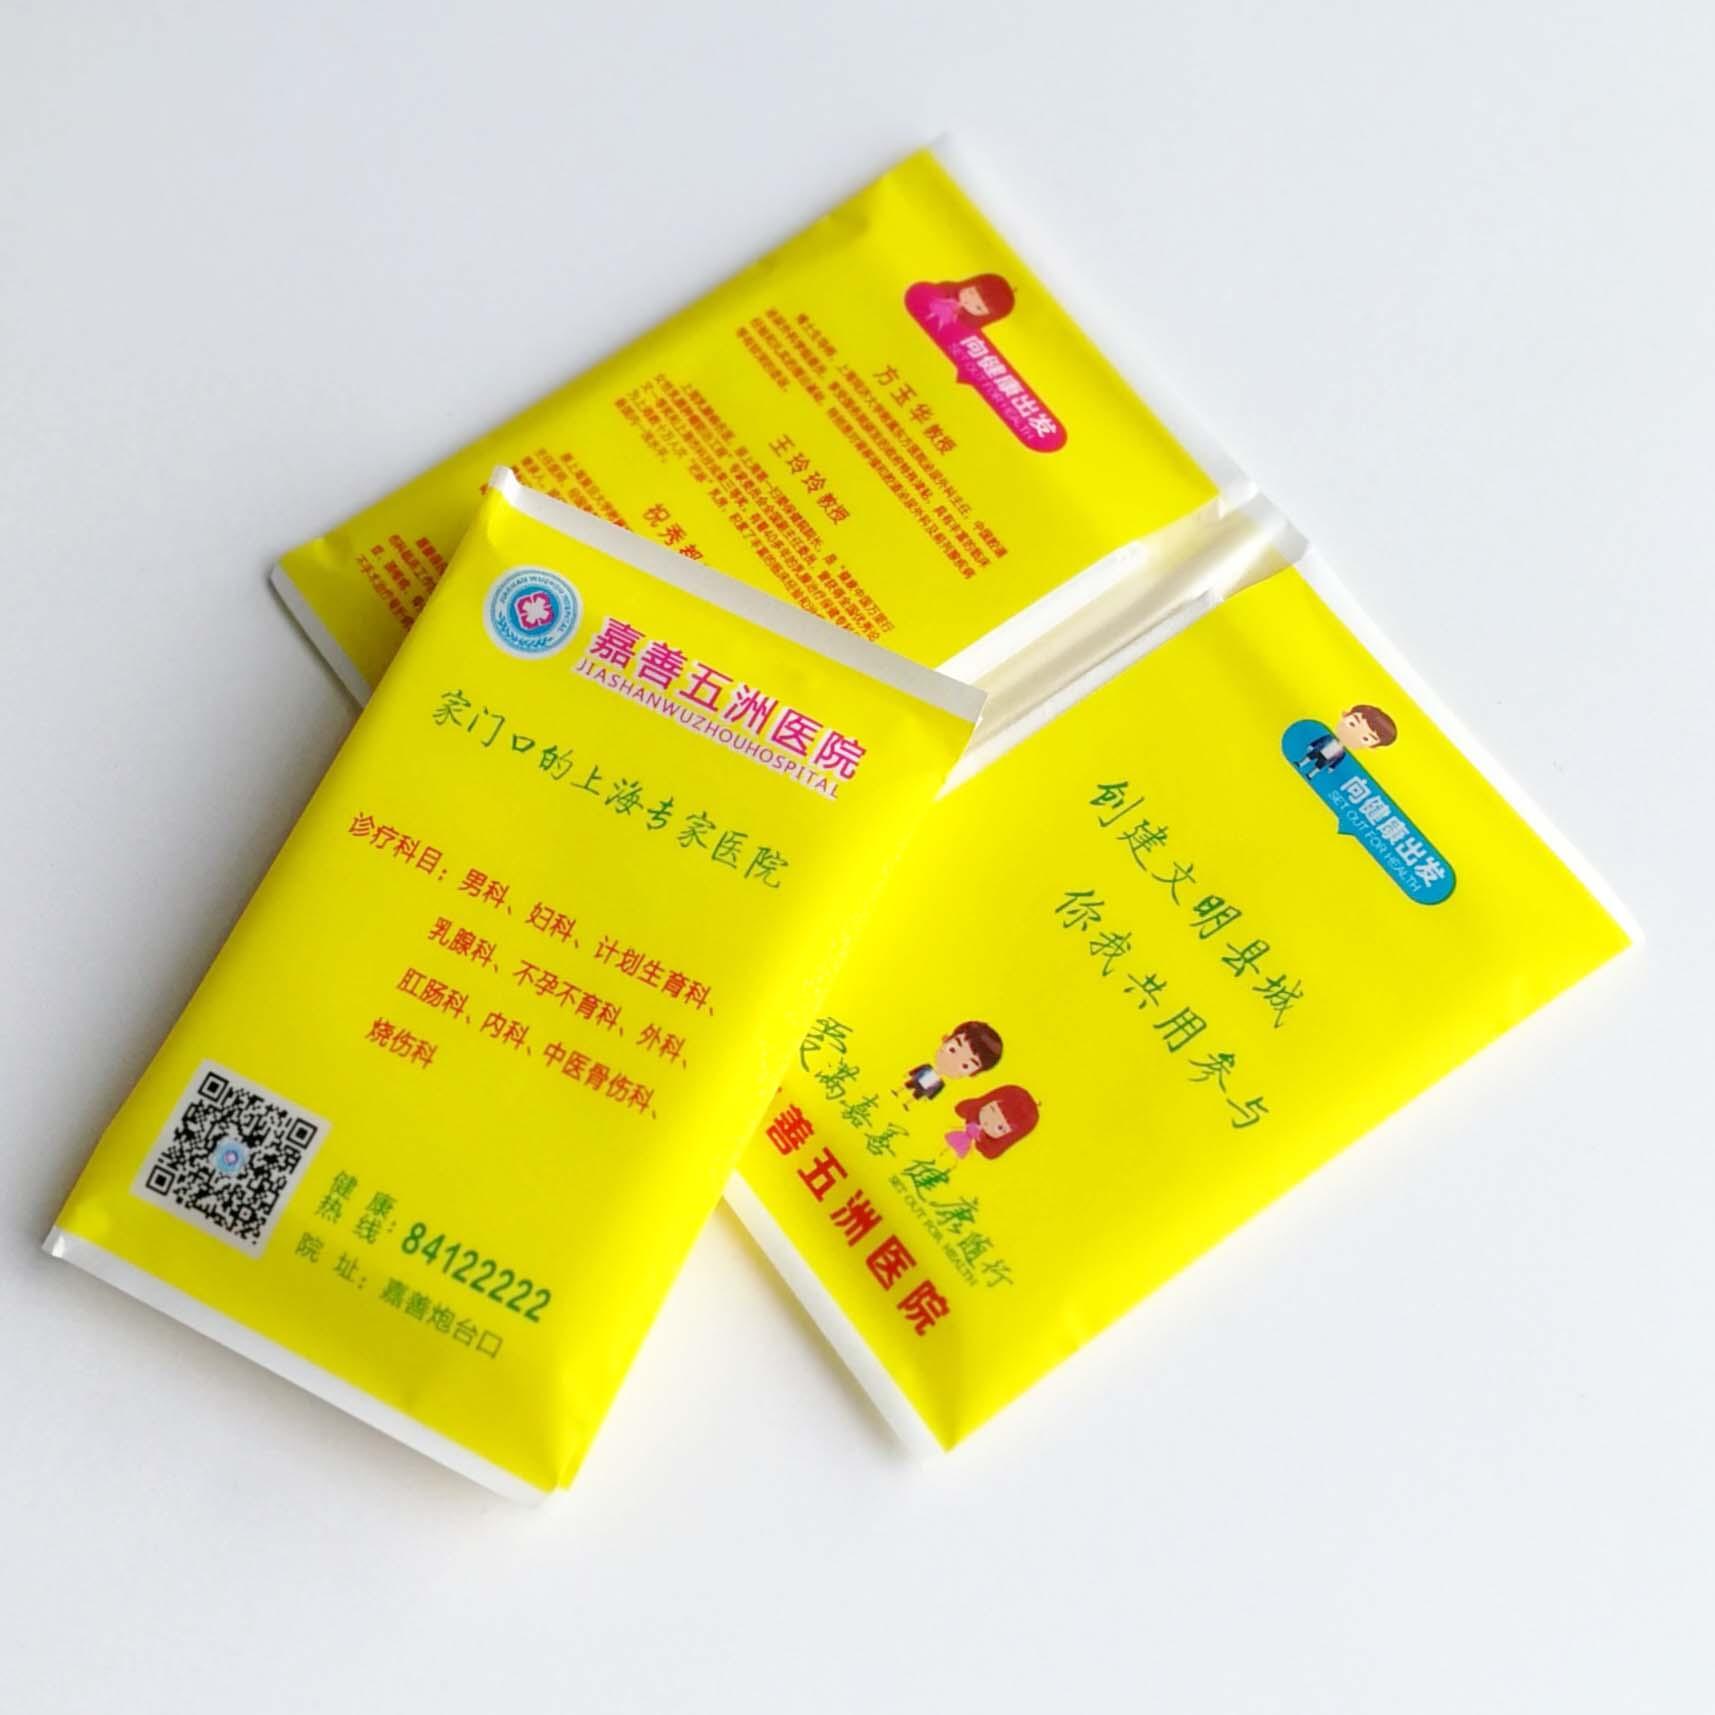 荐~购买优惠的广告荷包纸巾选~成都华丰纸品厂【广告荷包纸巾】